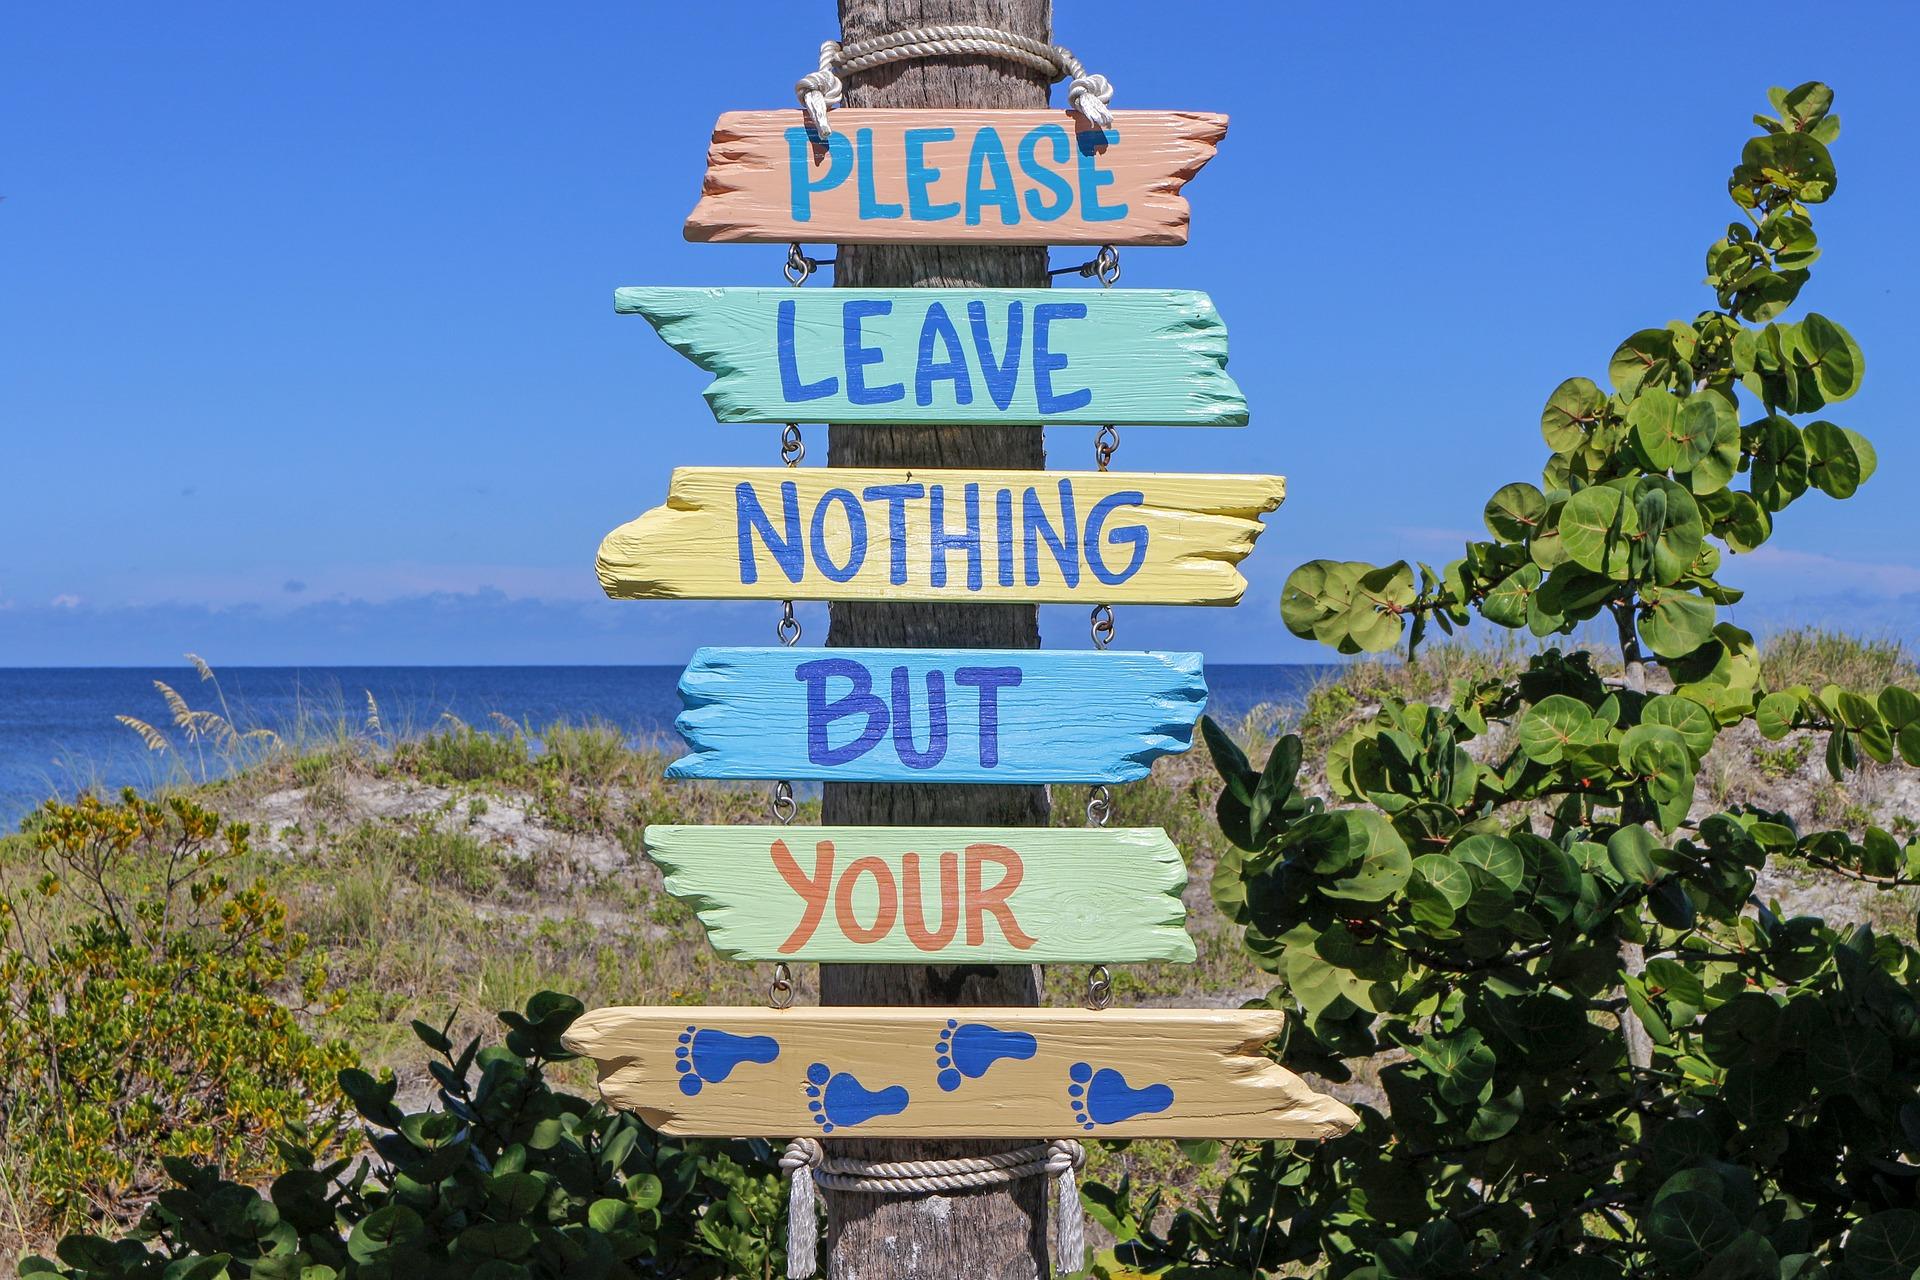 """Schild mit der Aufrschirift: """"Please leave nothing bur your"""" der unterste Teil des Schilds zeigt Fußabdrücke. Das Schild ist mitten im Grünen und dahinter sieht man das Meer."""